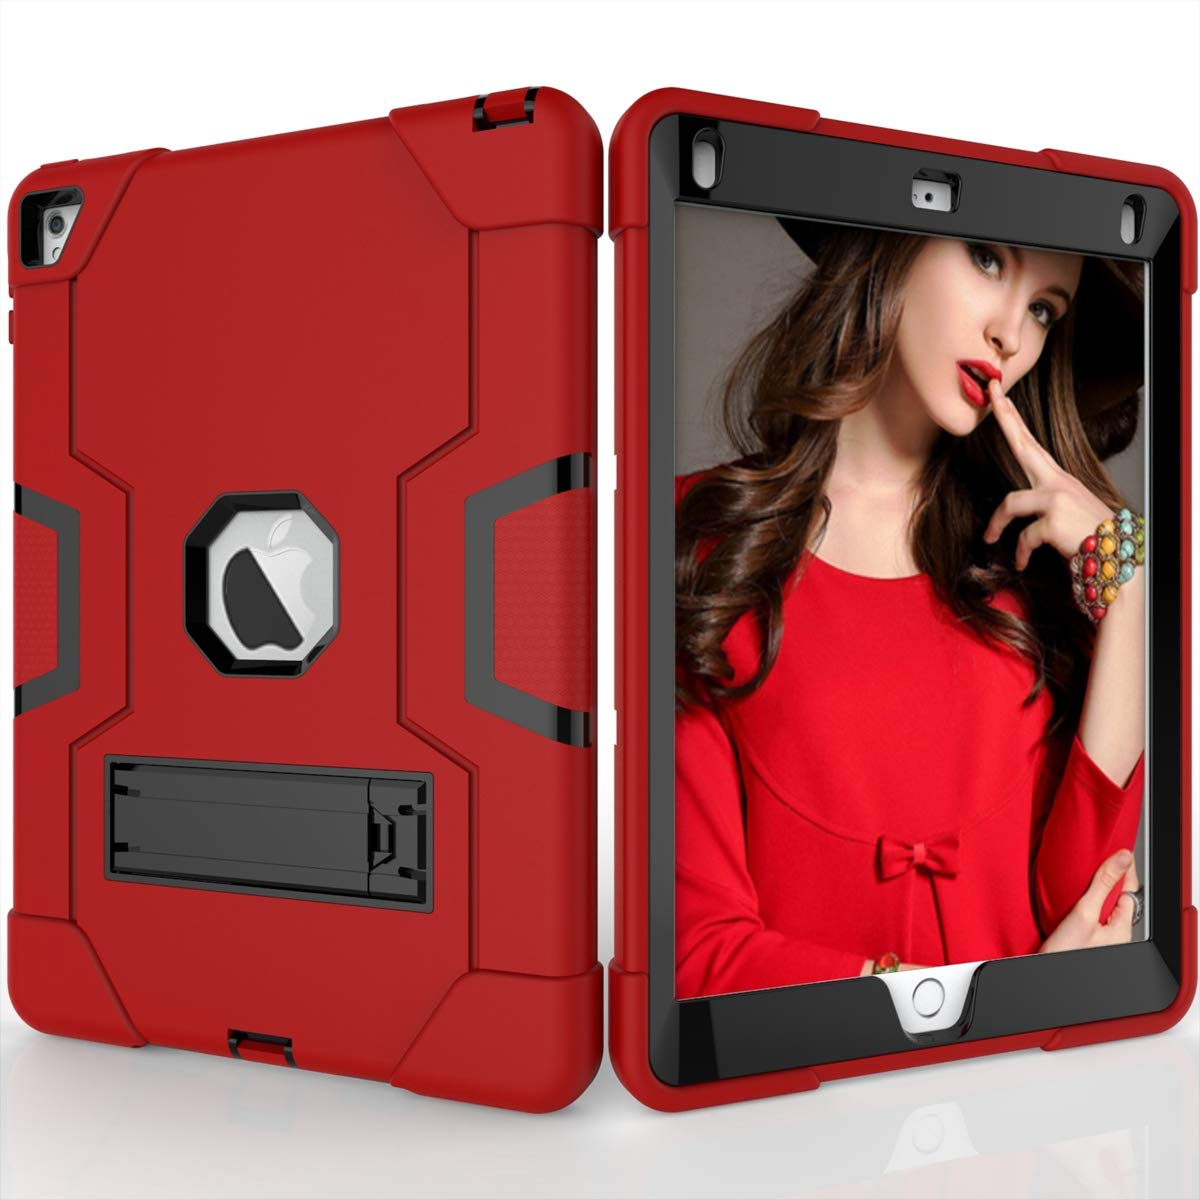 品質のいい Happon iPad Air 2 Red iPad 6 ケース B07L4CPH38 ポータブル Black 携帯電話プロテクター 超薄型カバー, VFBH-HR-701 Red + Black B07L4CPH38, ECOTOOL MARKET:0f1e36ee --- a0267596.xsph.ru